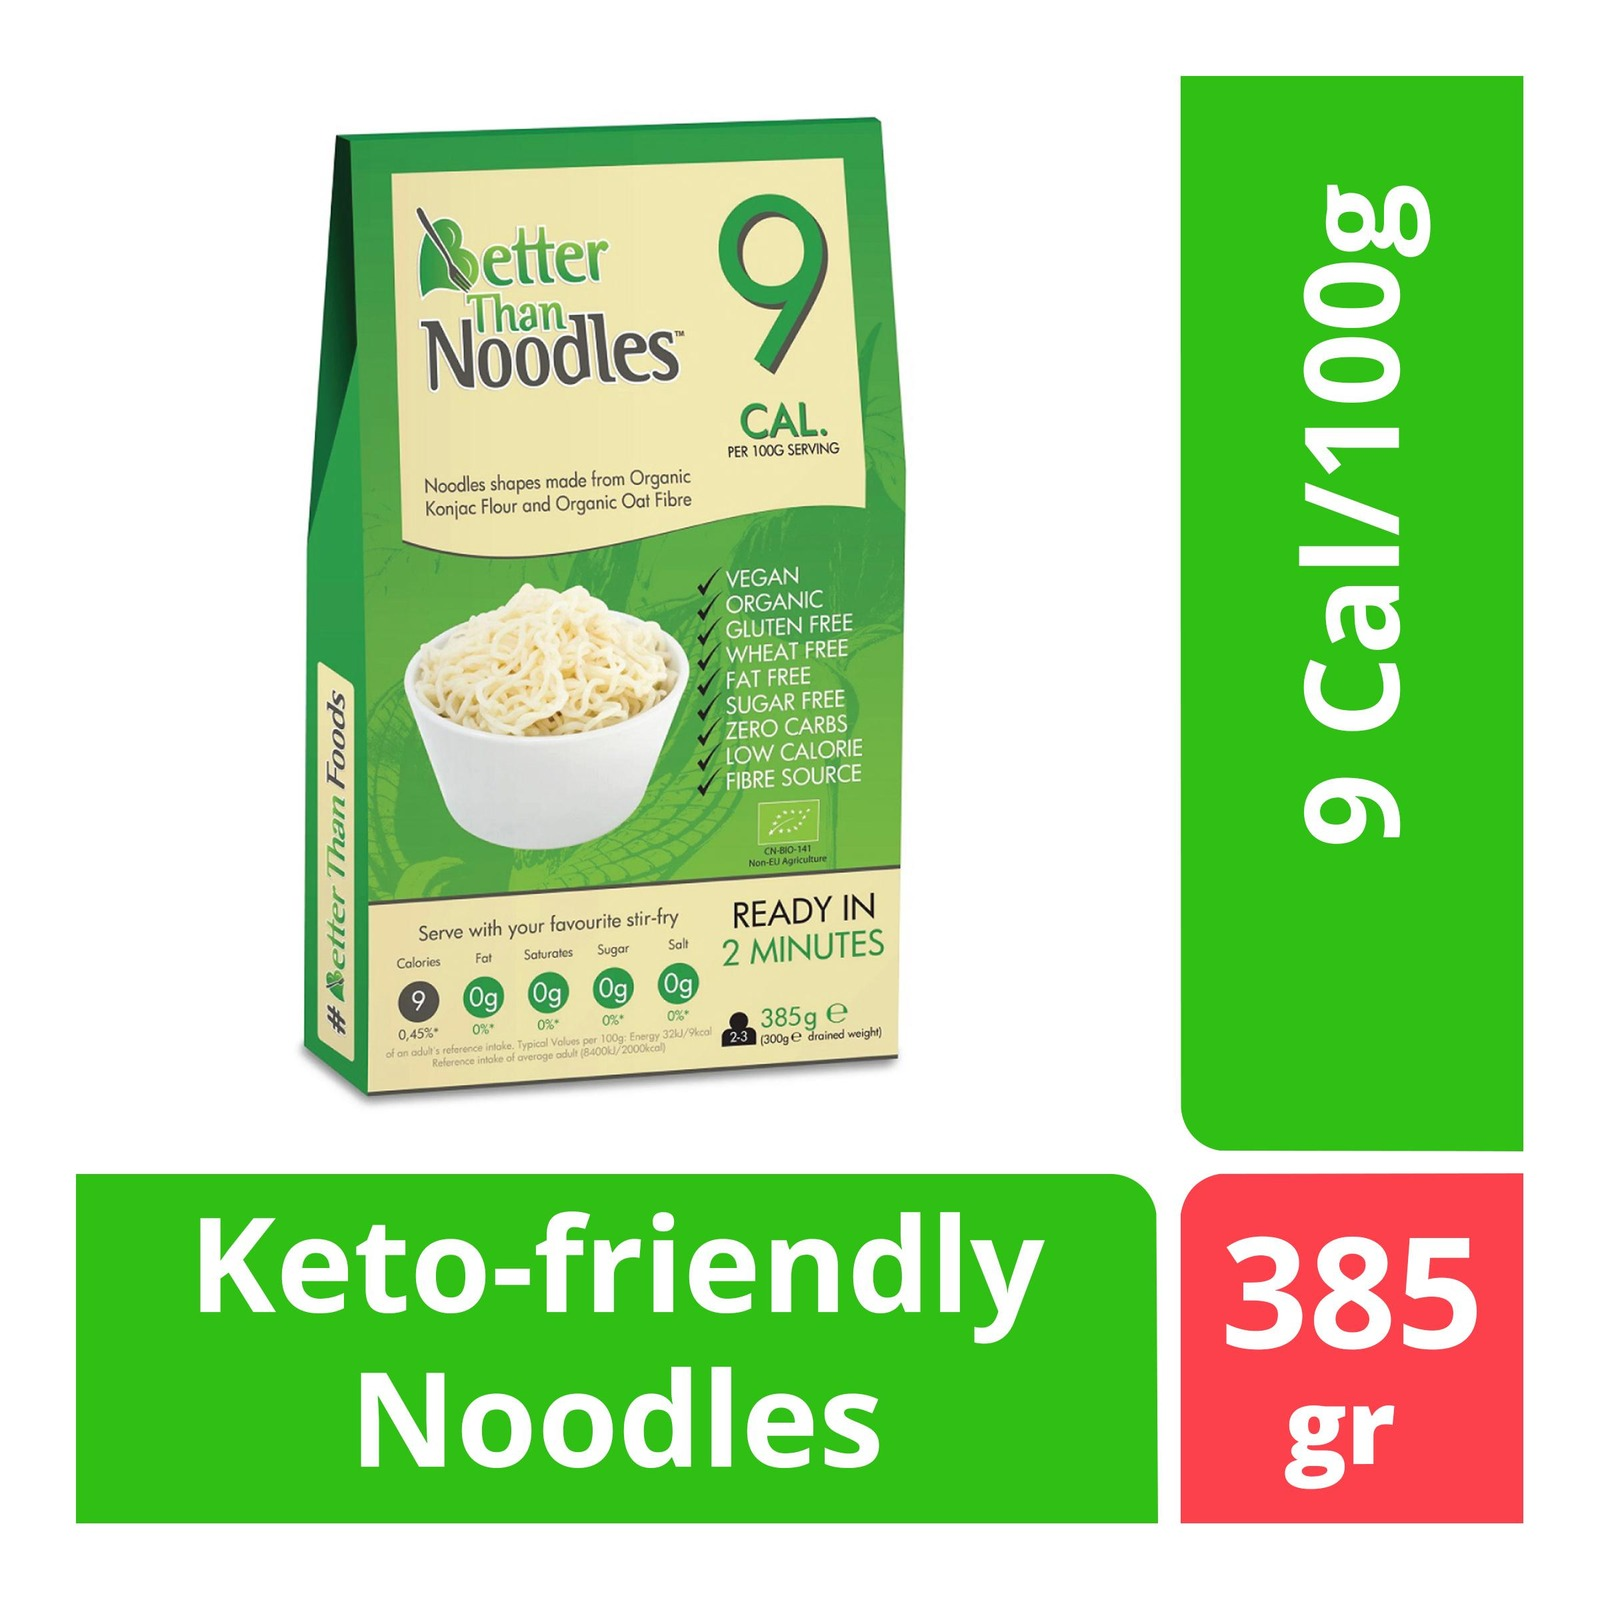 BetterThan Konjac Noodles (Organic)